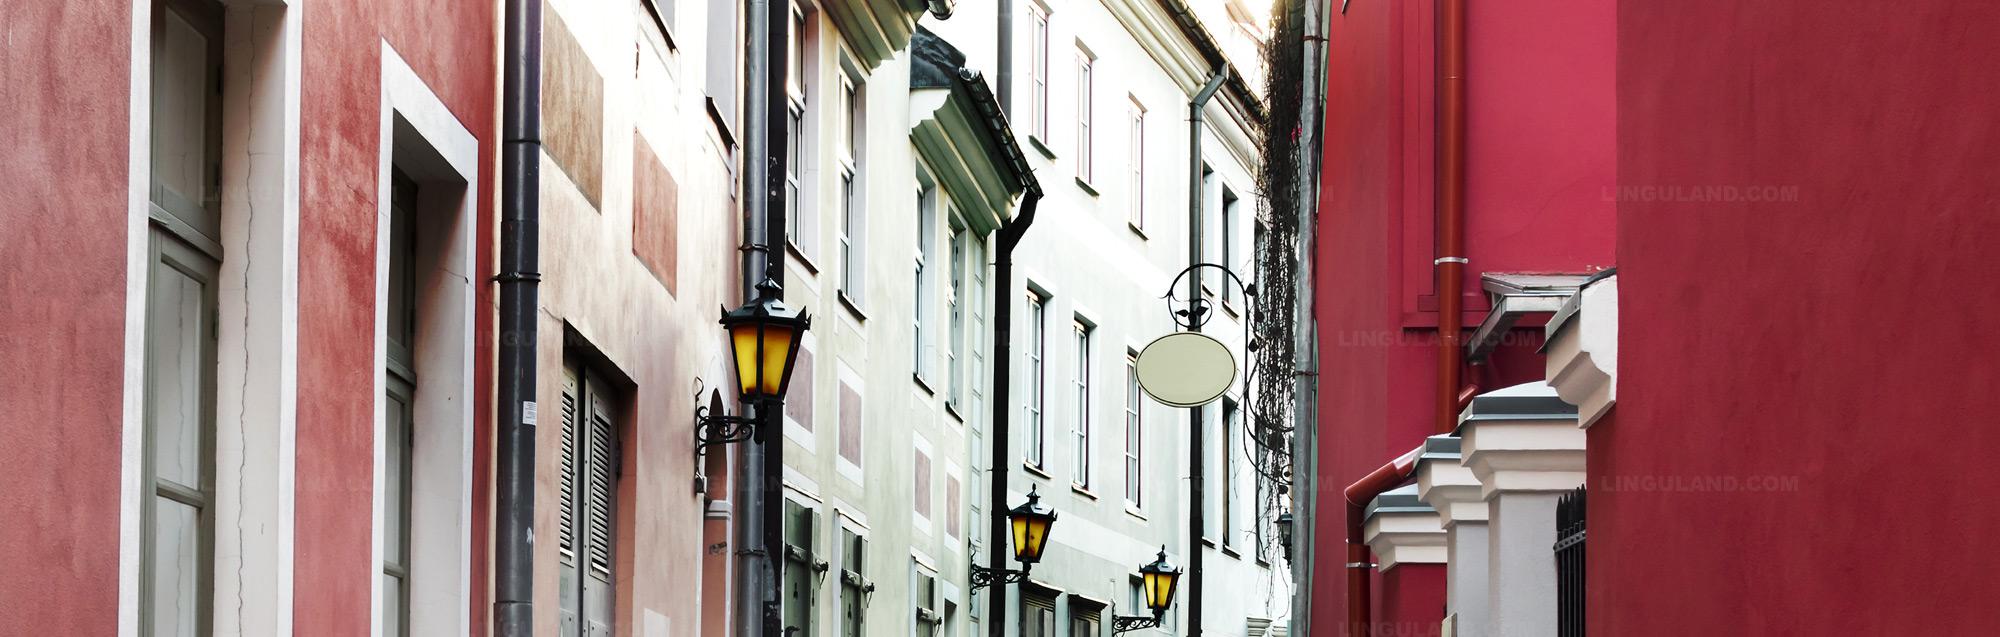 Sprachschulen Riga, Sprachkurse Riga